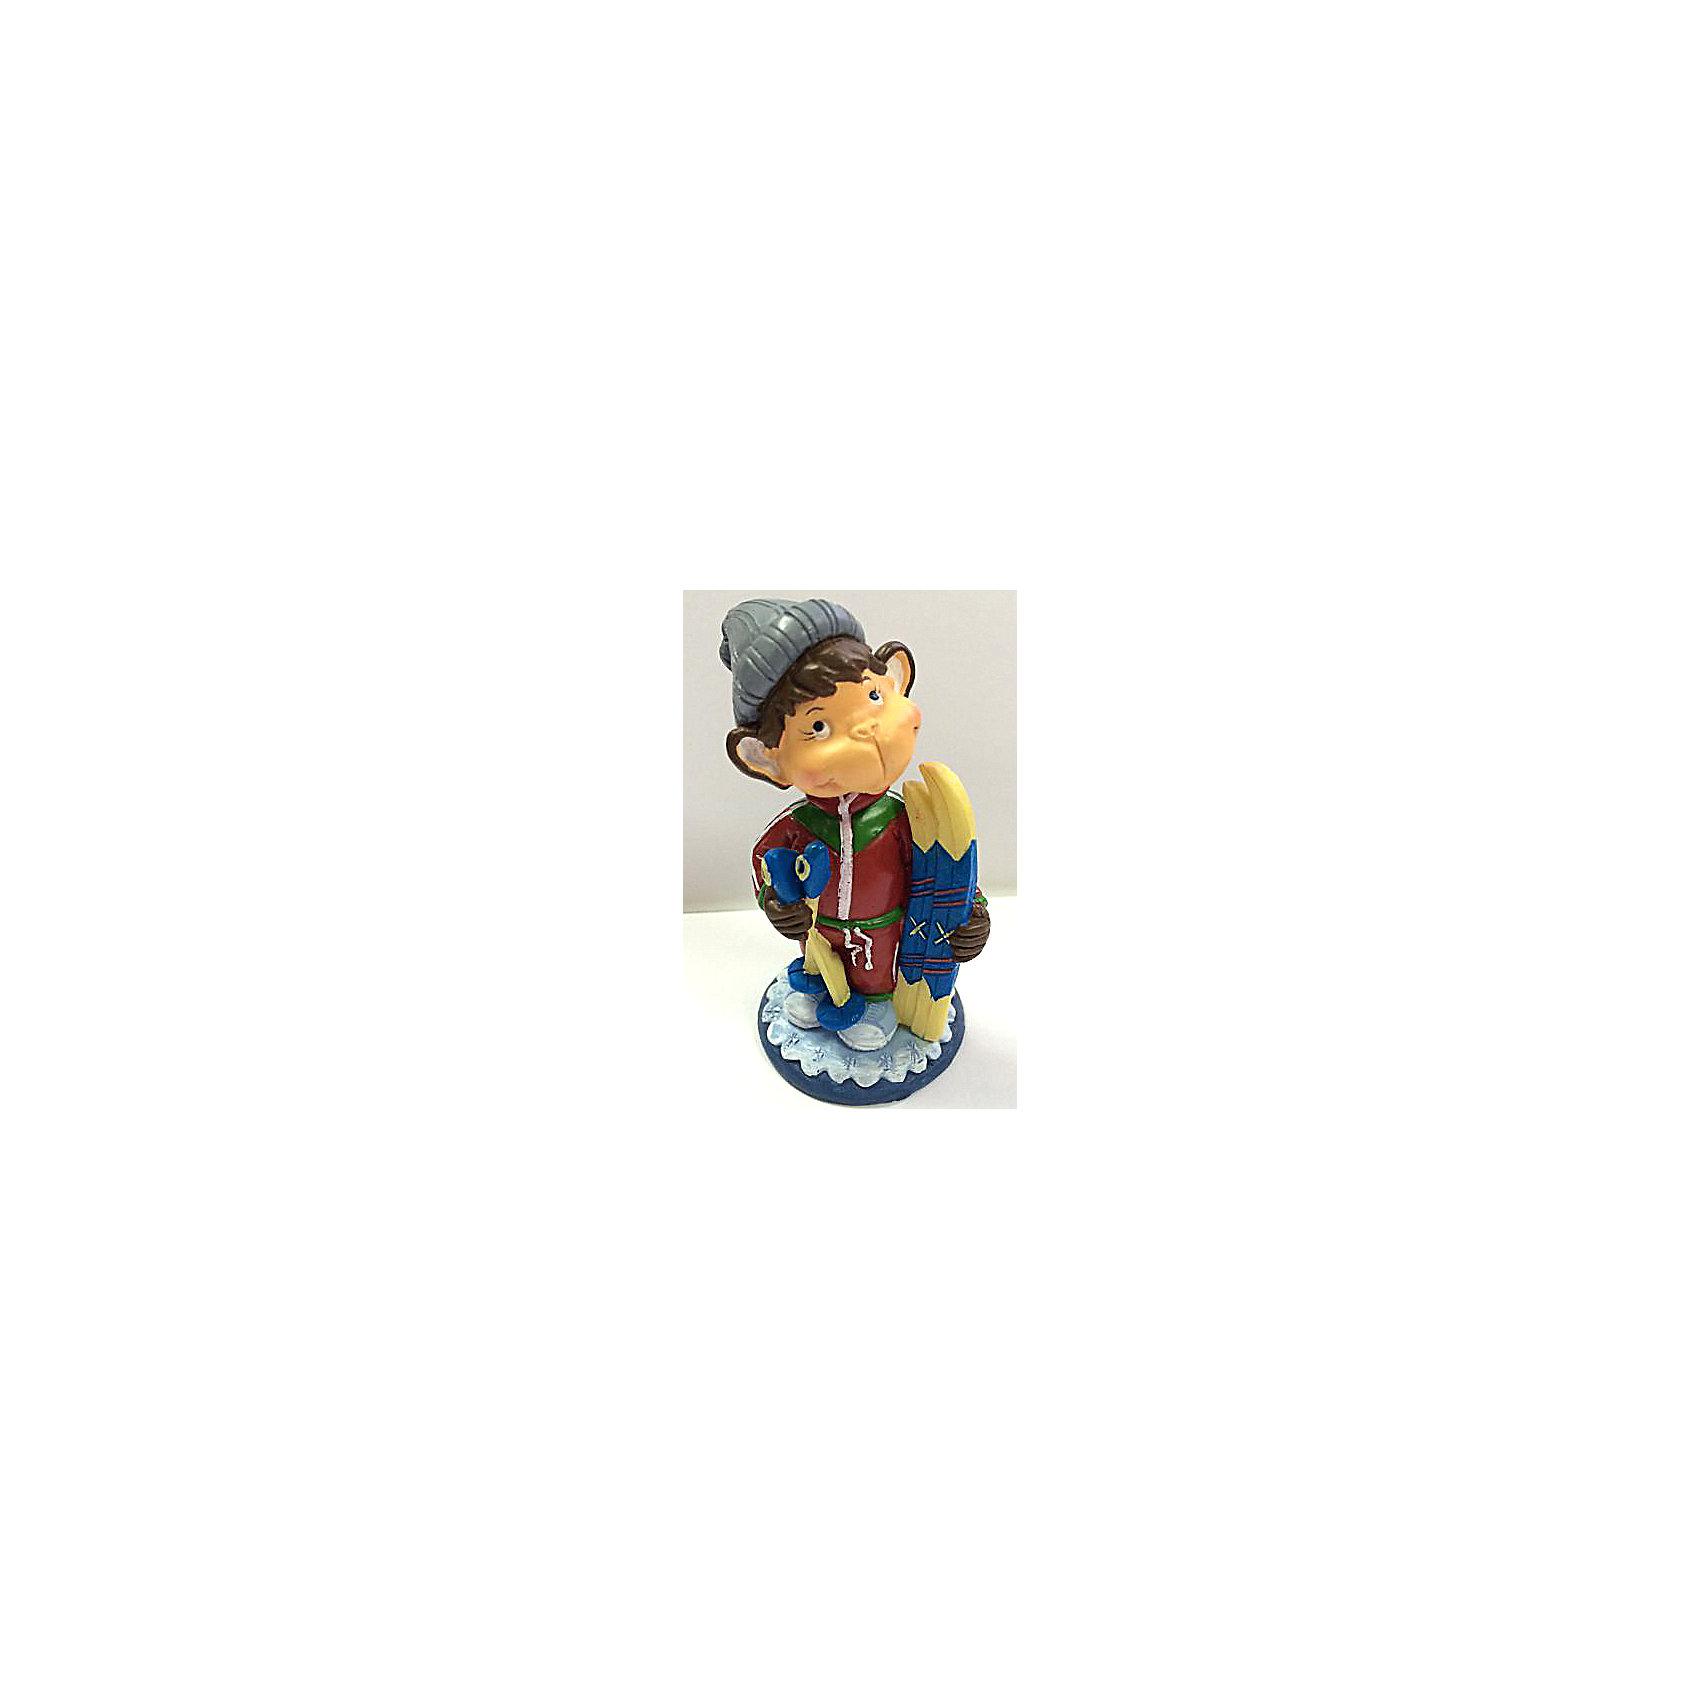 Декоративная обезьянка ЛыжникНовинки Новый Год<br>Декоративная обезьянка Лыжник, Феникс-Презент, прекрасно дополнит Ваш новогодний интерьер и станет приятным сувениром для родных и друзей. Веселая обезьянка одета в лыжный костюм и шапочку, в лапках у нее лыжи и палки. Обезьяна является символом Нового 2016 года, забавная фигурка принесет Вам радость и удачу и поднимет настроение. <br><br>Дополнительная информация:<br><br>- Материал: полирезина. <br>- Размер фигурки: 4,8 х 4 х 8,2 см.<br><br>Декоративную обезьянку Лыжник, Феникс-Презент, можно купить в нашем интернет-магазине.<br><br>Ширина мм: 60<br>Глубина мм: 60<br>Высота мм: 100<br>Вес г: 100<br>Возраст от месяцев: 36<br>Возраст до месяцев: 2147483647<br>Пол: Унисекс<br>Возраст: Детский<br>SKU: 4276515